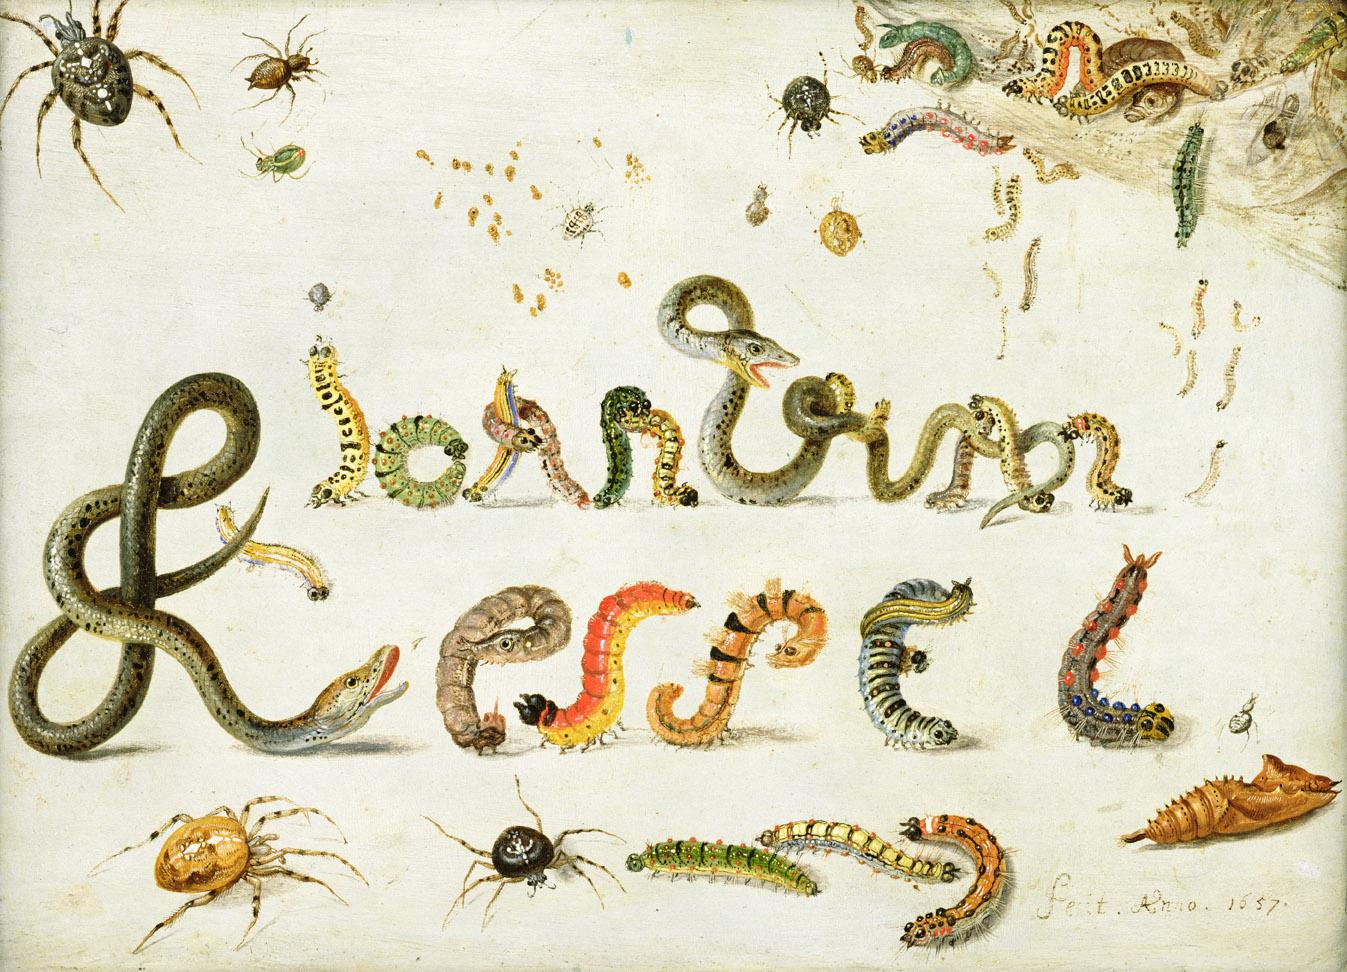 Spiders, snakes, and caterpillars spelling the artist's name, by Jan van Kessel the Elder, 1657.